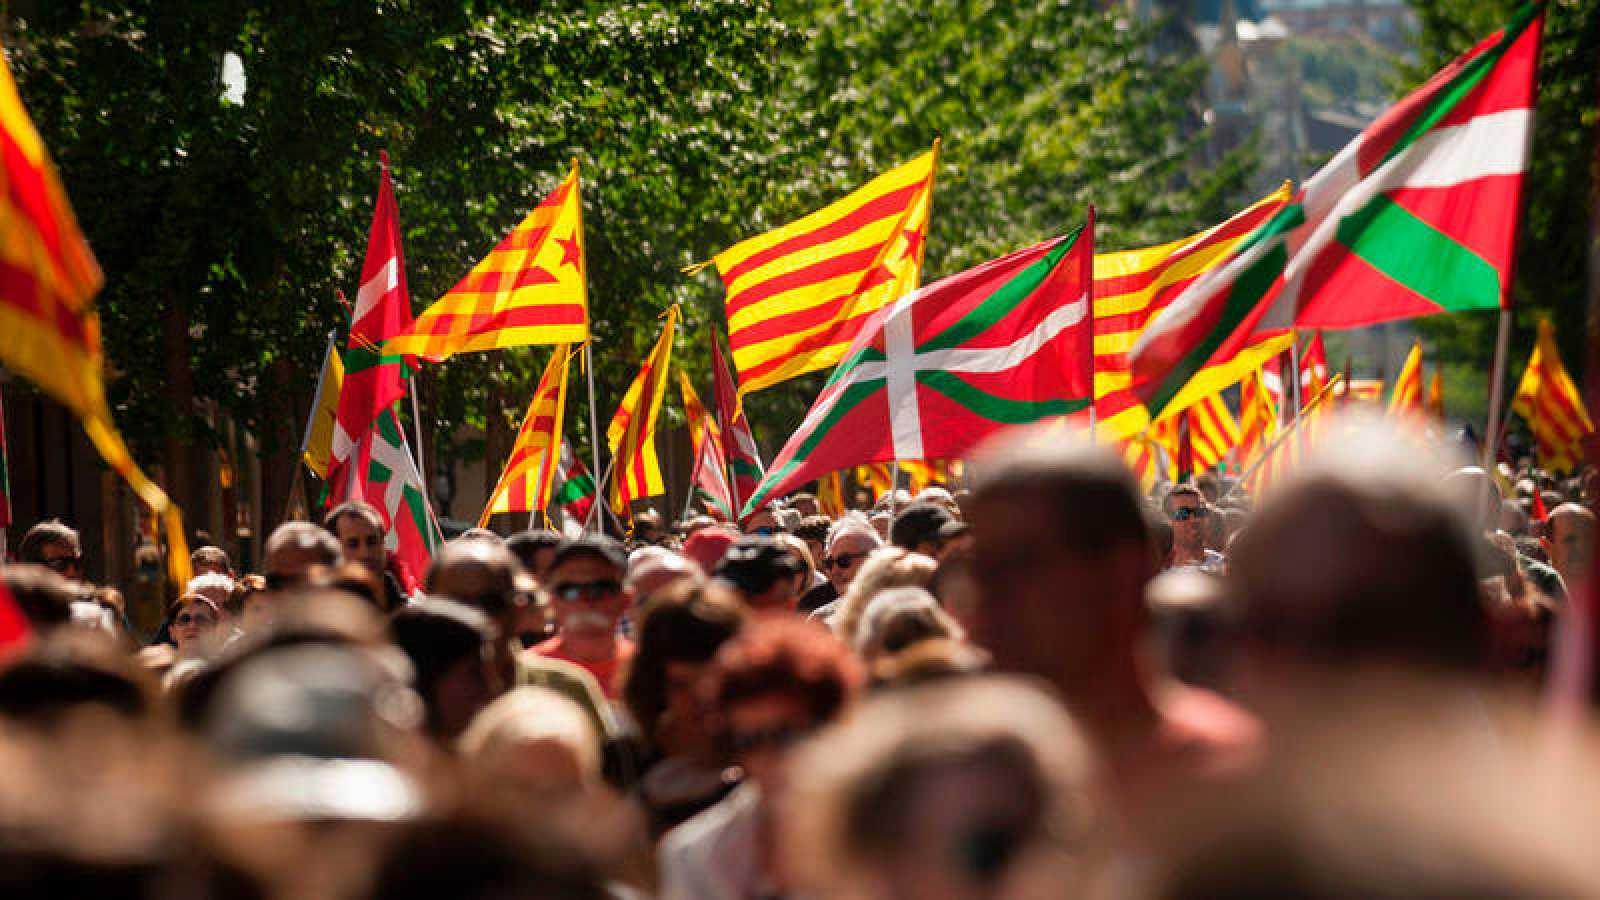 Miles de personas se manifiestan en San Sebastián en apoyo al proceso catalán